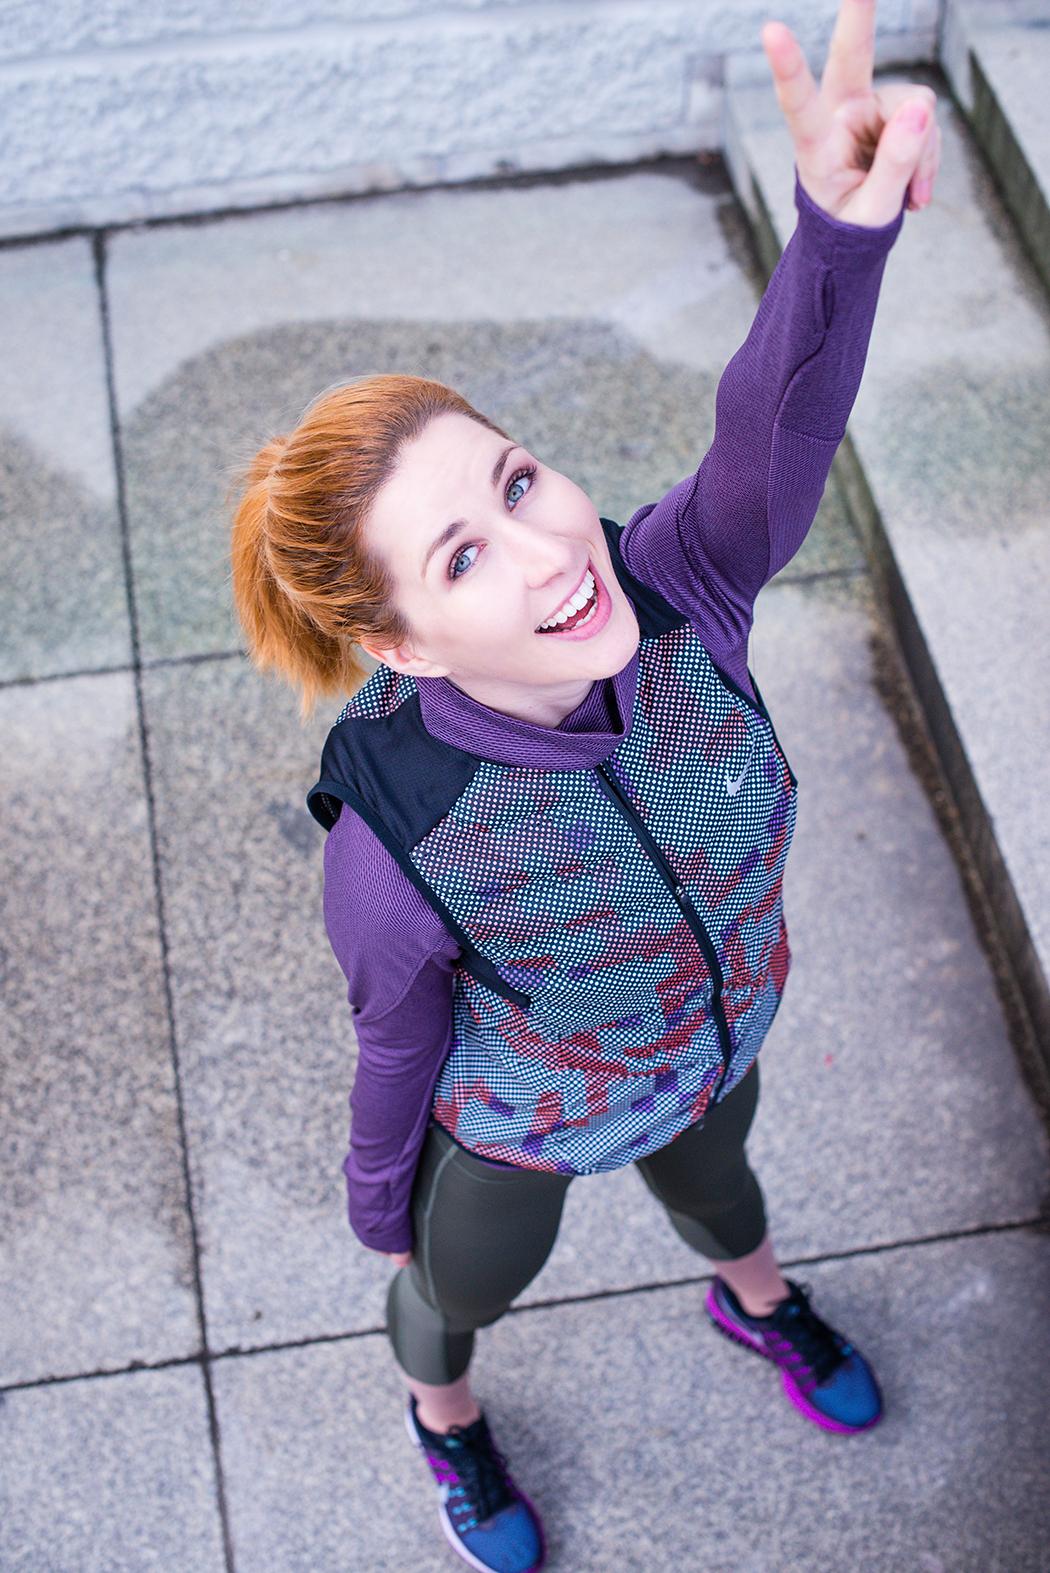 Fitnessblog-Fitnessblogger-Fitness-Blog-Blogger-Running-Nike-Flash-Kollektion-Munich-Deutschland-Muenchen-Lindarella-4-web